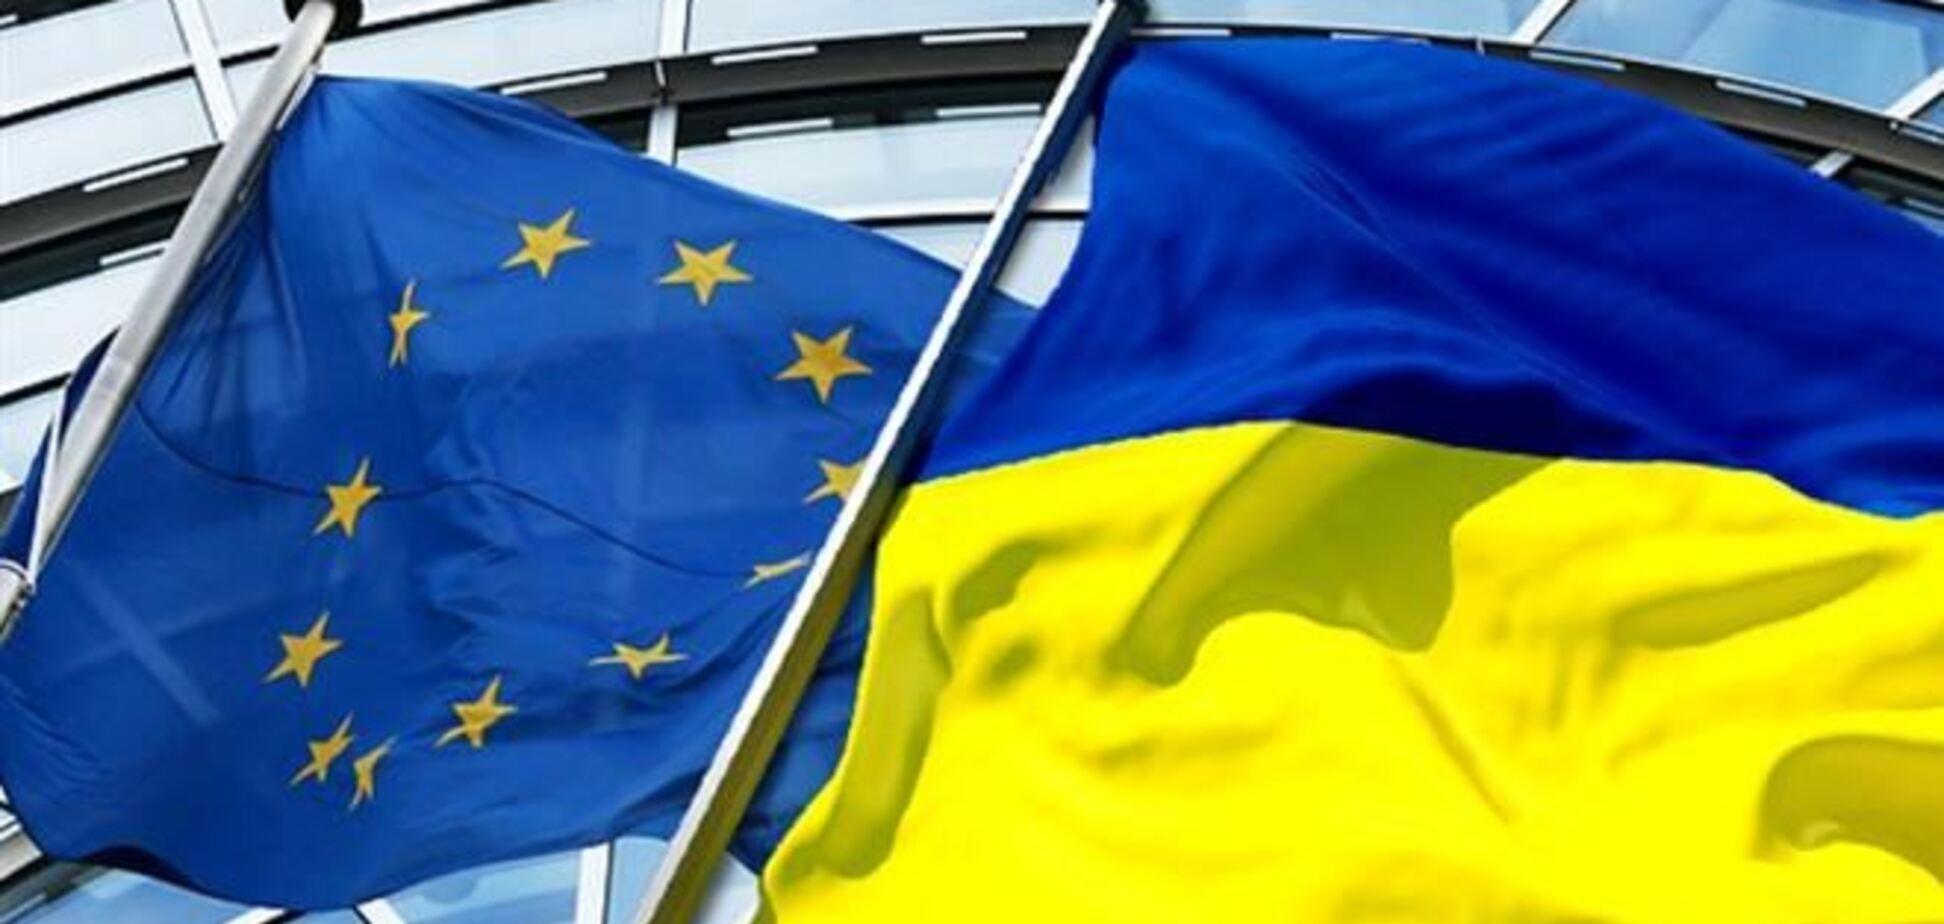 МИД Дании инициирует создание группы для переговоров по Украине